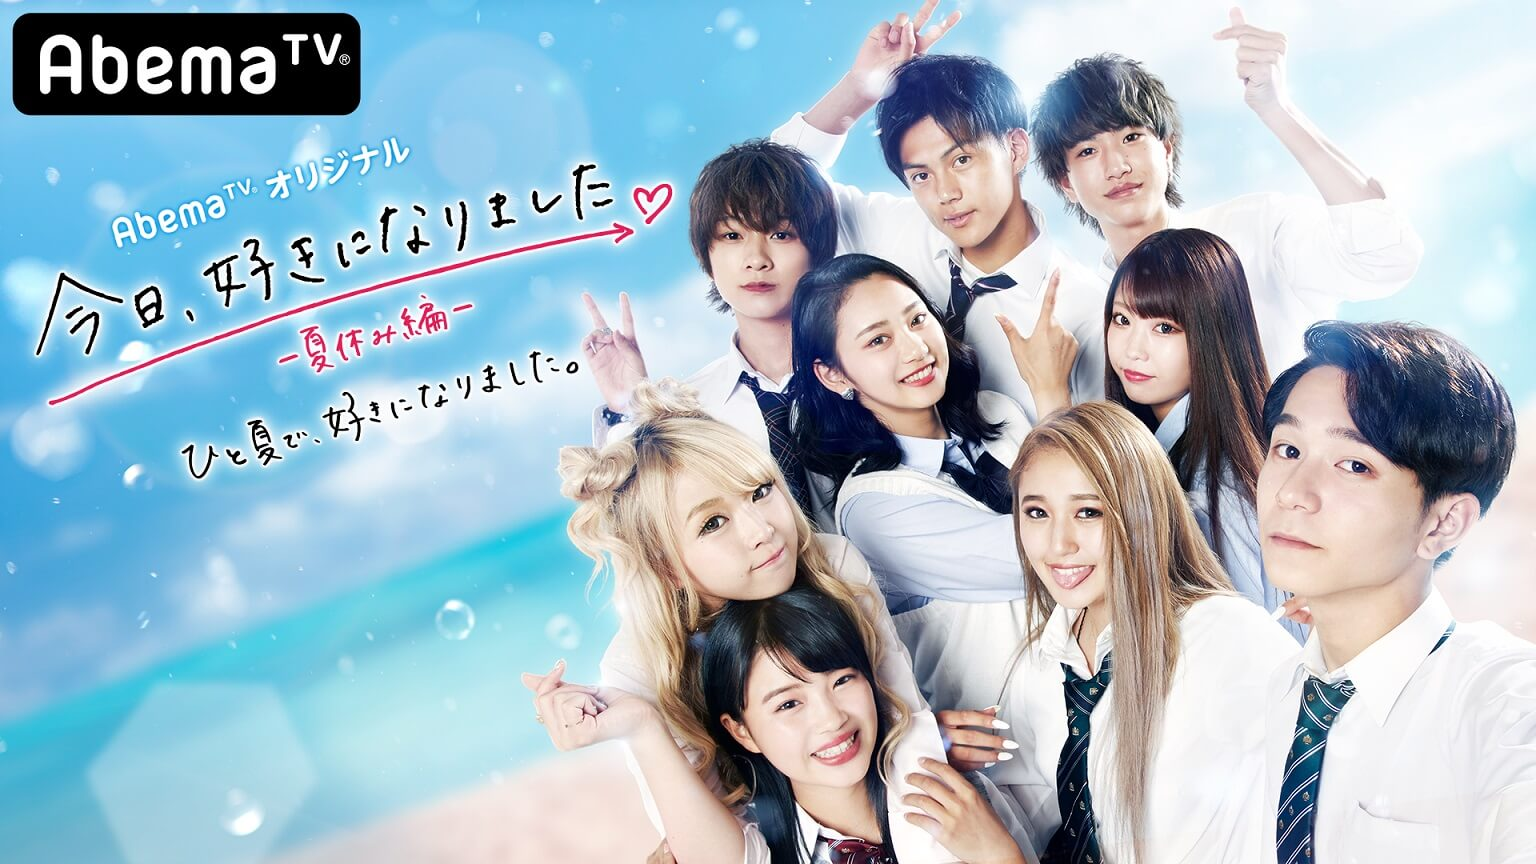 『今日、好きになりました。夏休み編』AbemaSPECIALにて7月15日より放送開始!